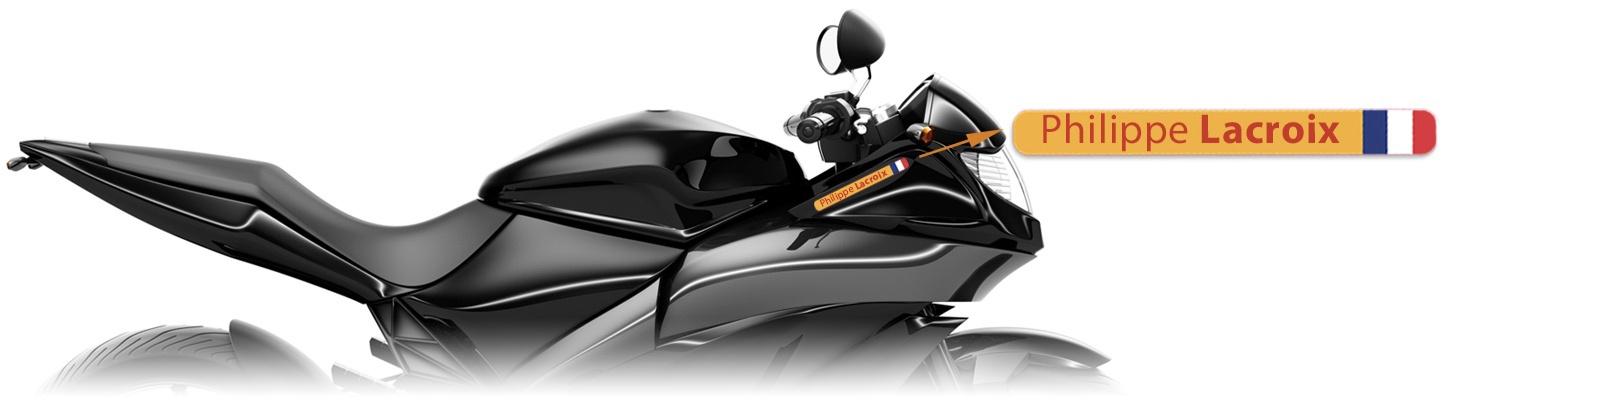 Sticker Motorbike